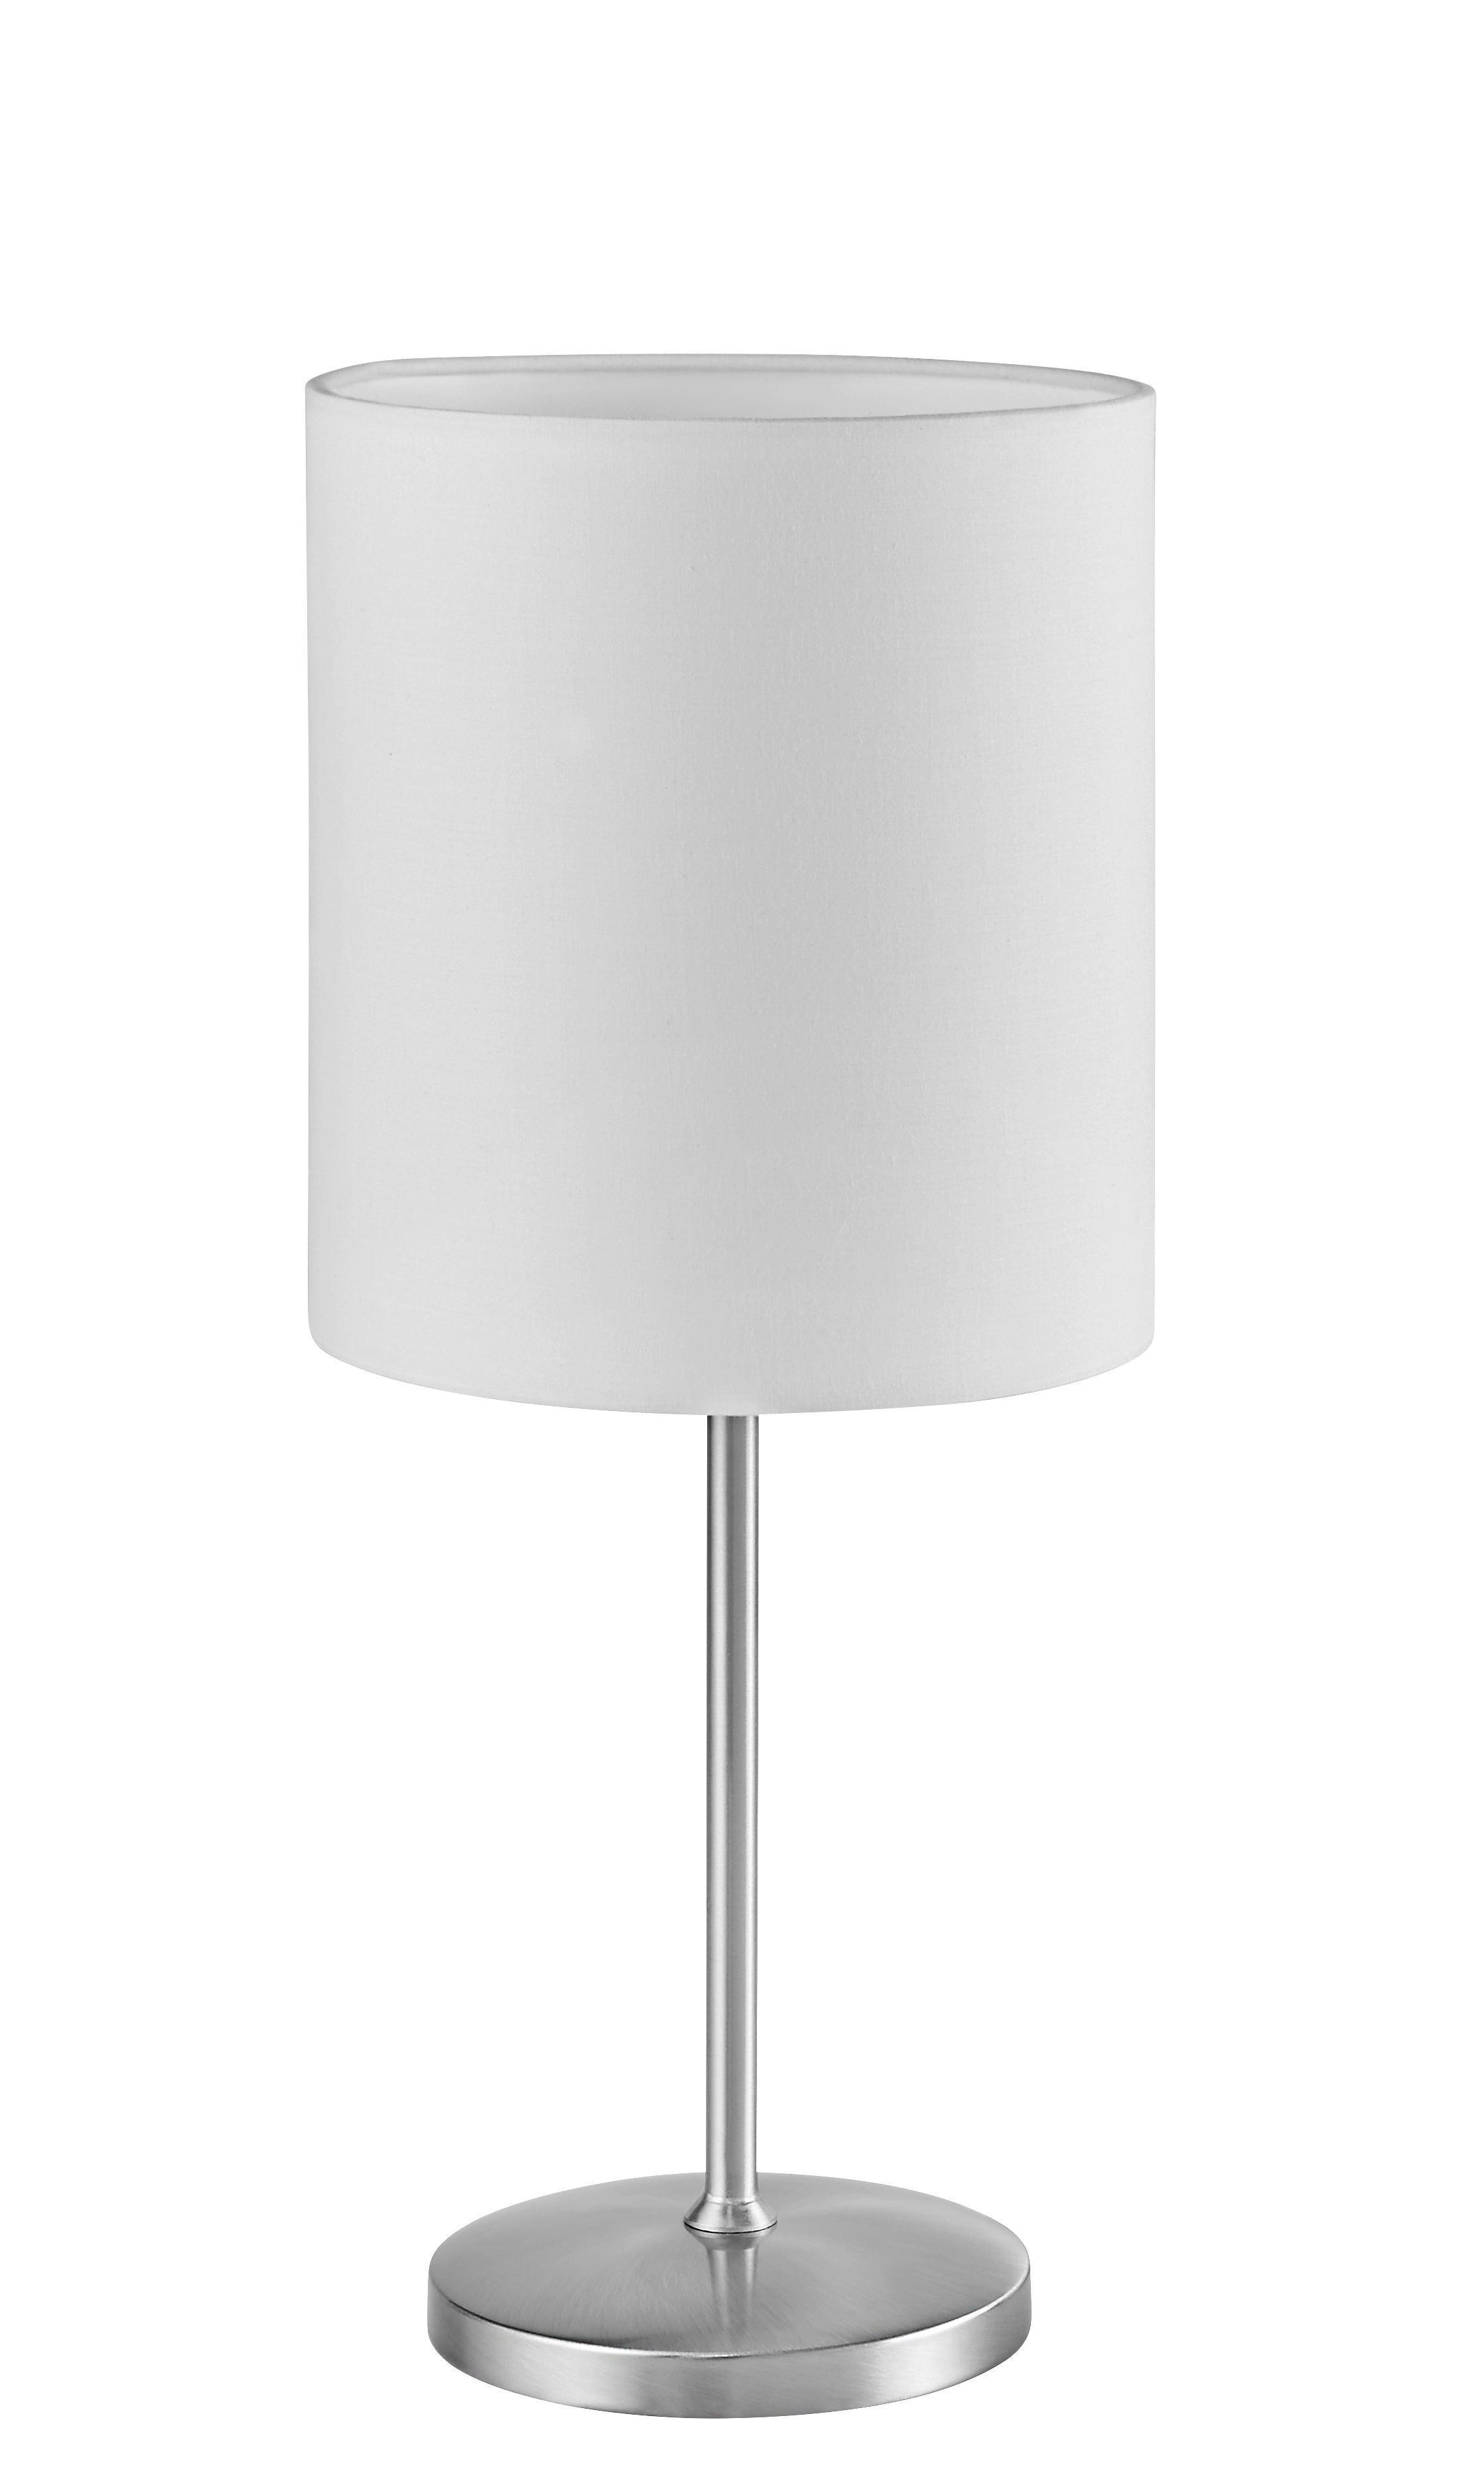 Tischleuchte Maxwell - Naturfarben/Nickelfarben, MODERN, Textil/Metall (18/42cm) - MÖMAX modern living